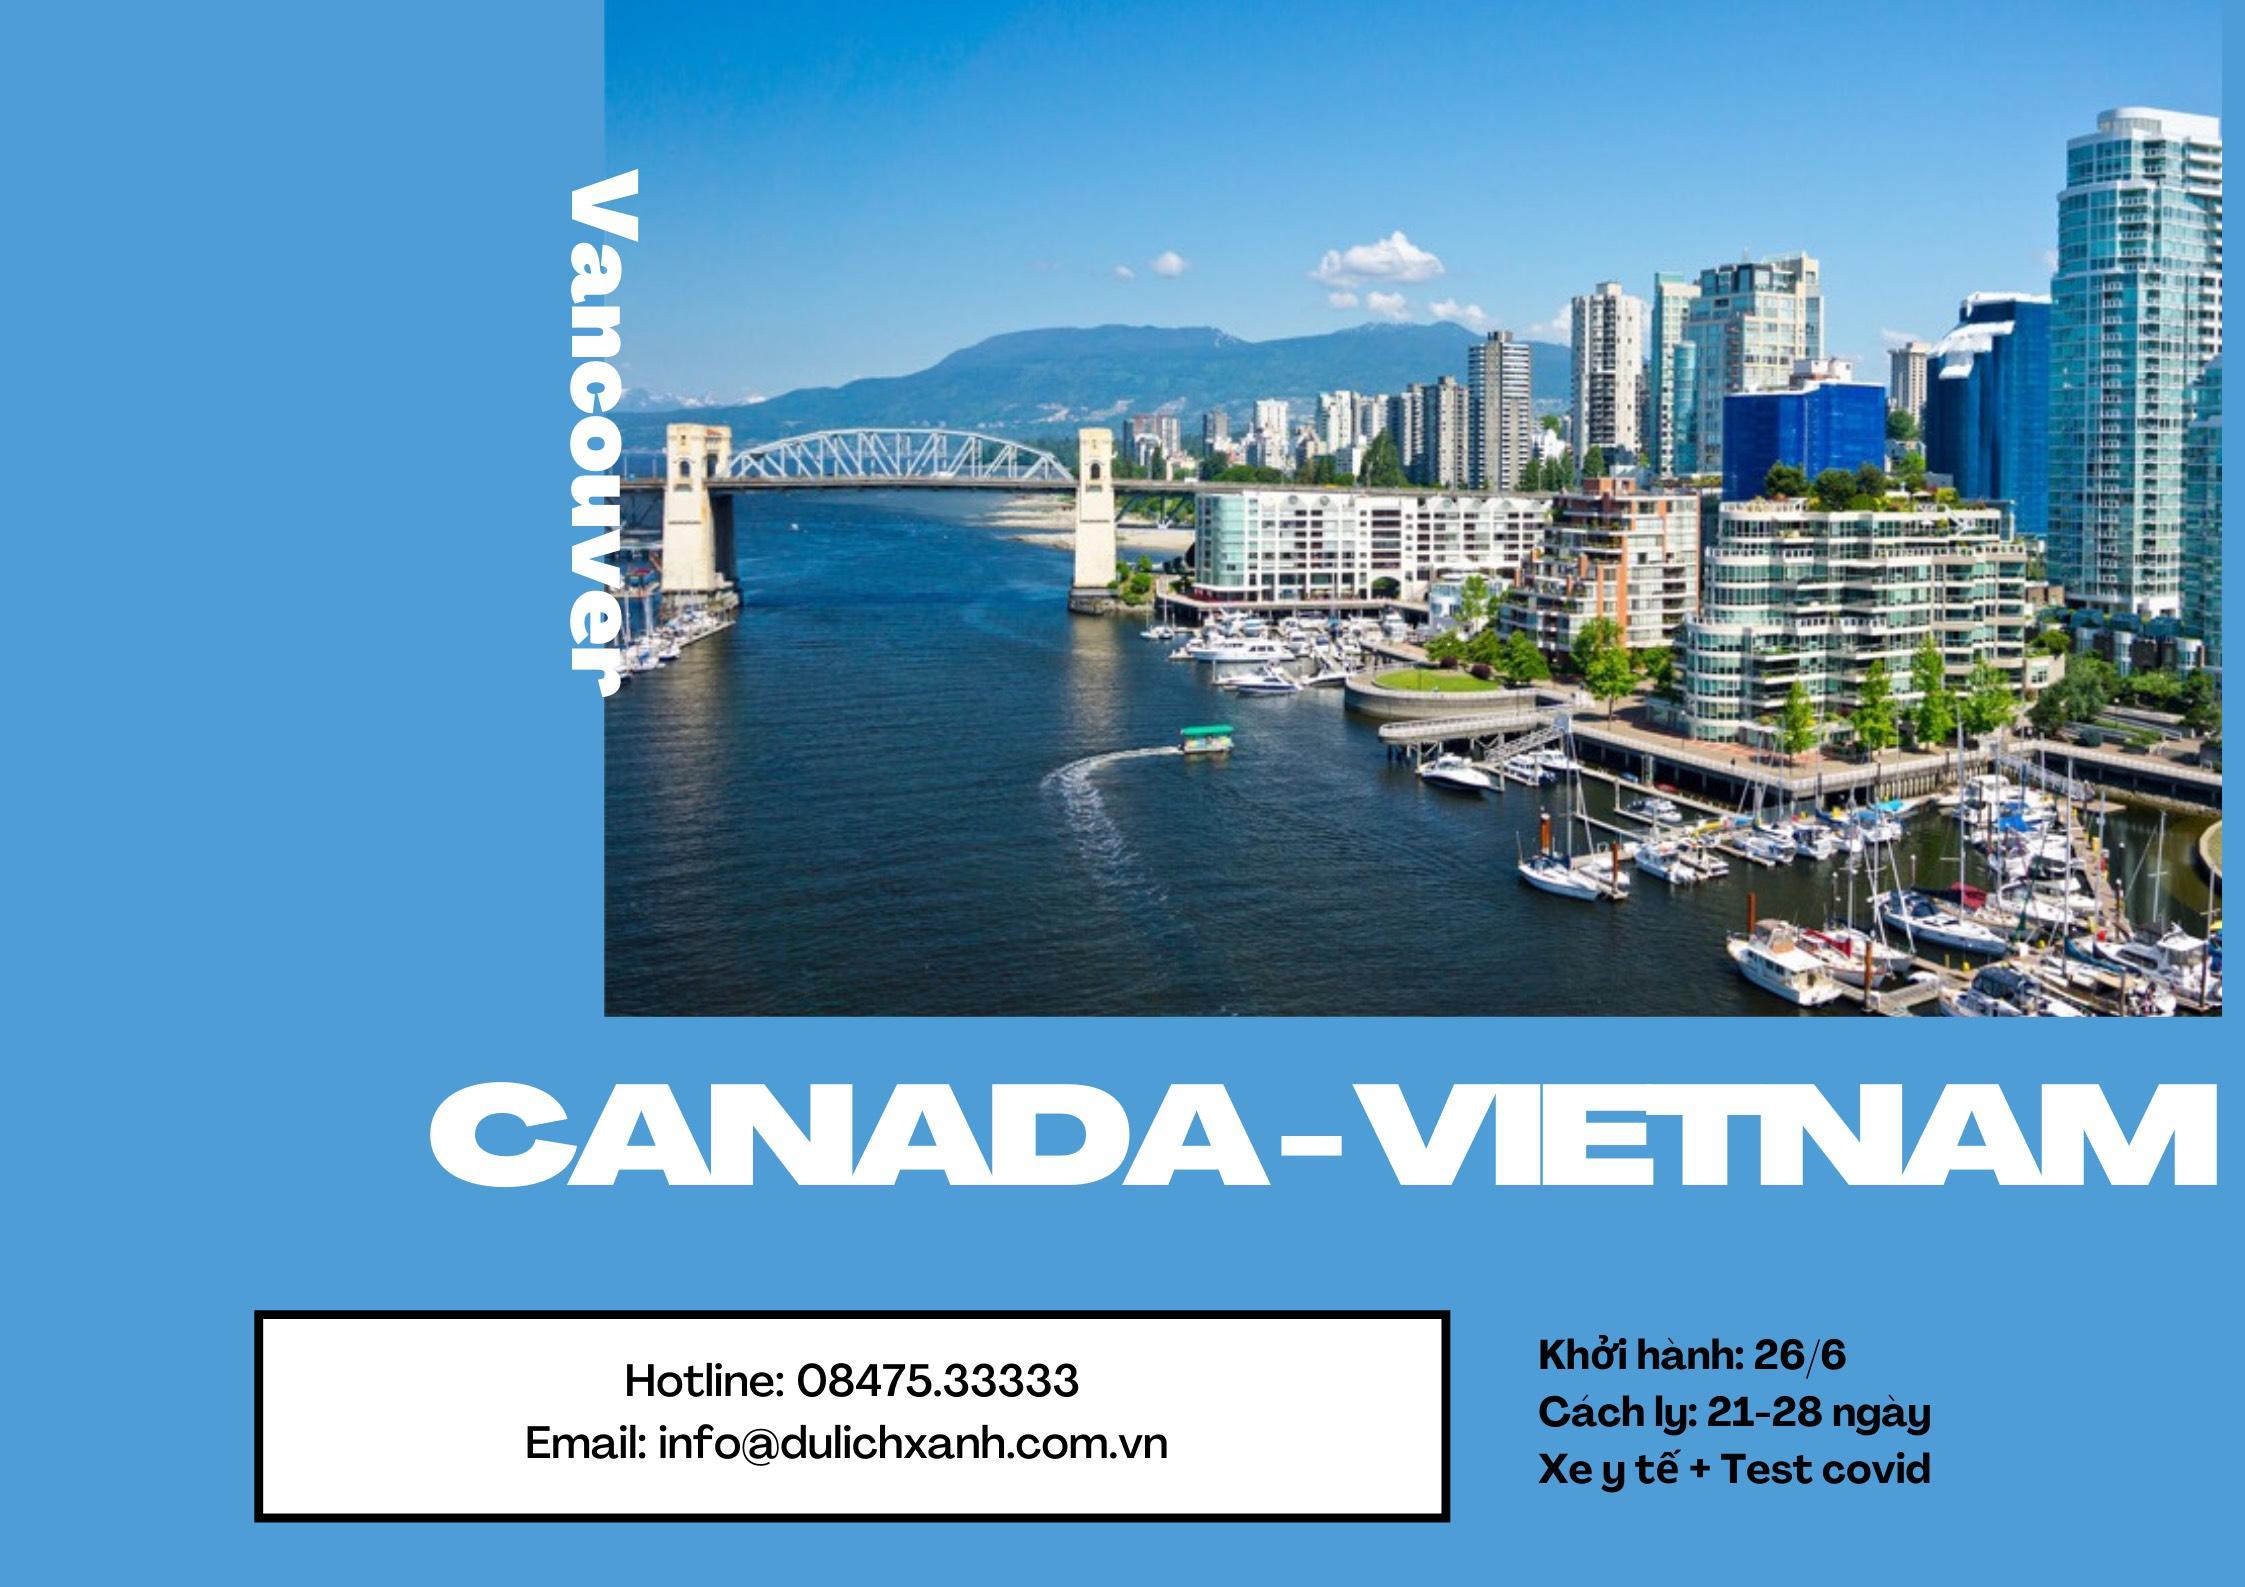 Trọn gói vé máy bay + khách sạn cách ly Canada về Việt Nam 26/6